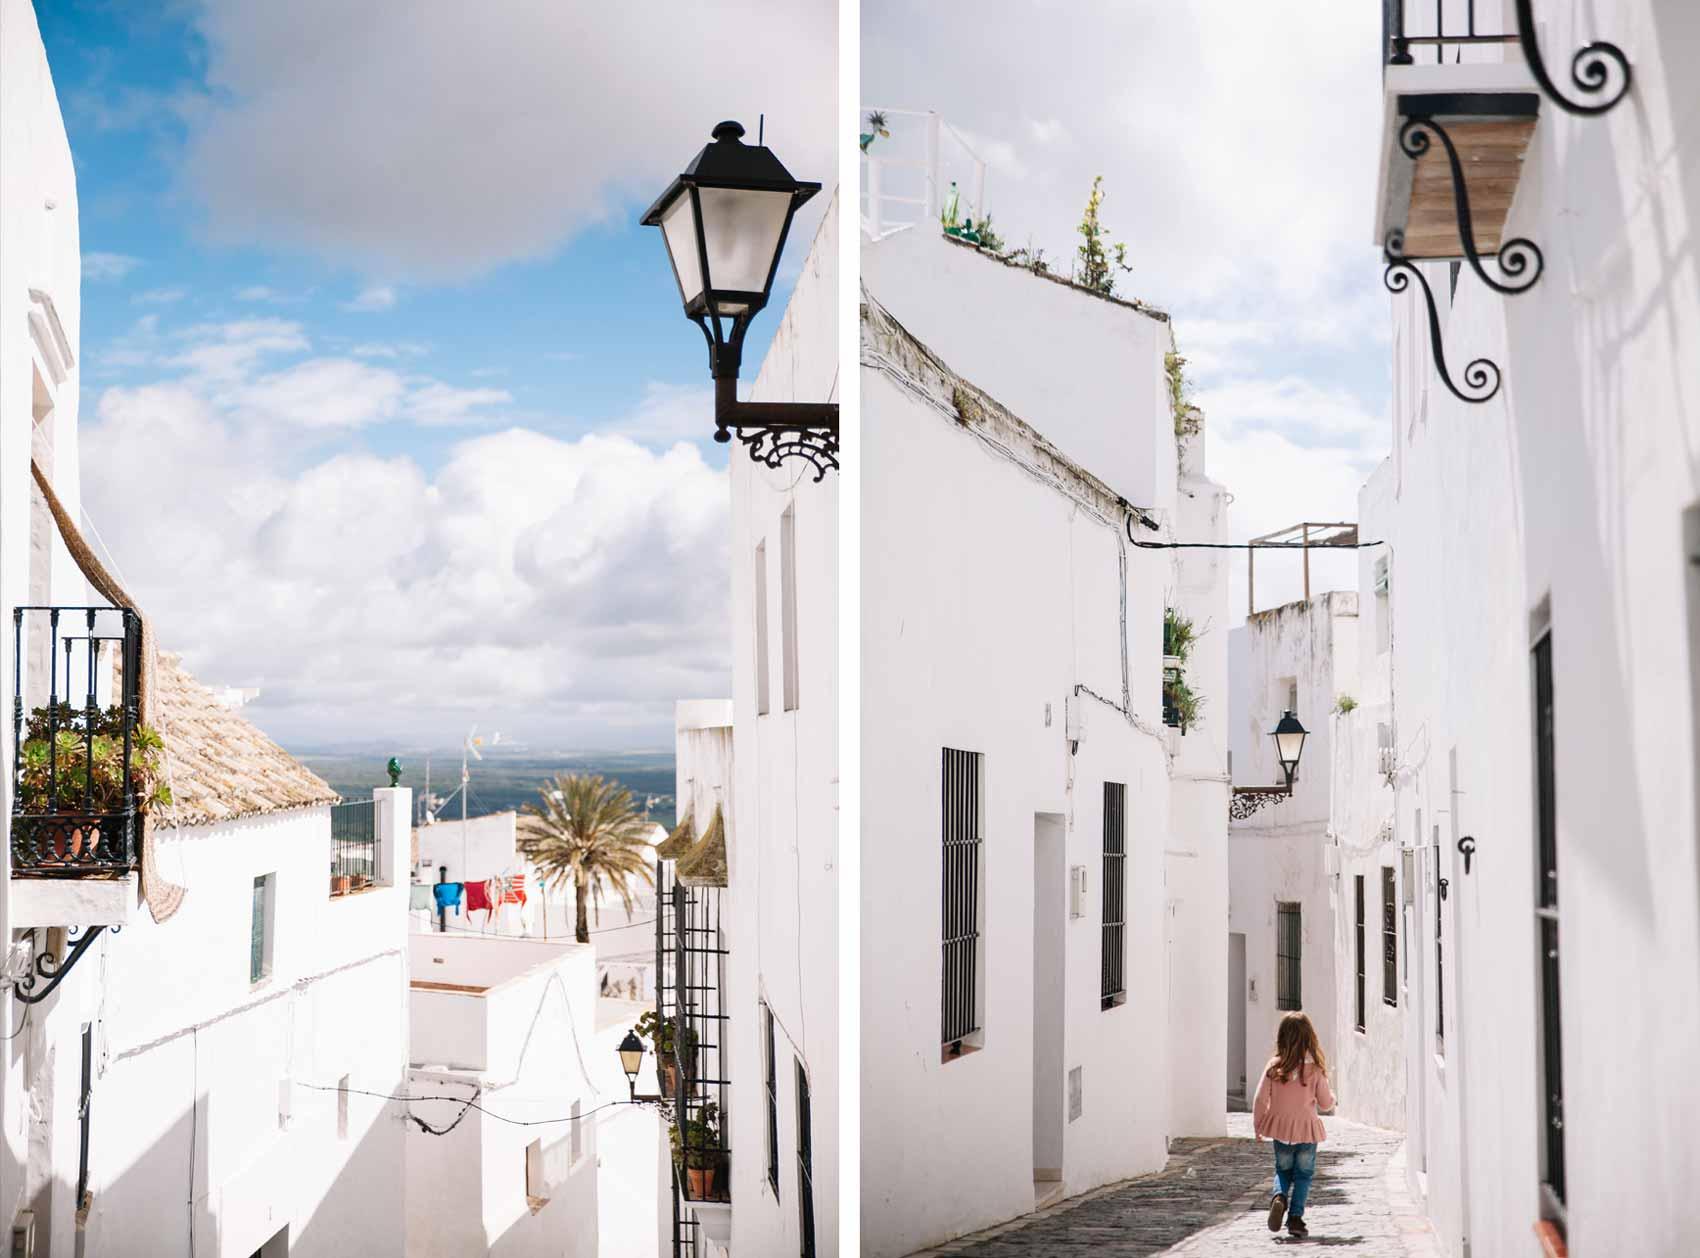 Pueblos con encanto en España - Vejer de la Frontera